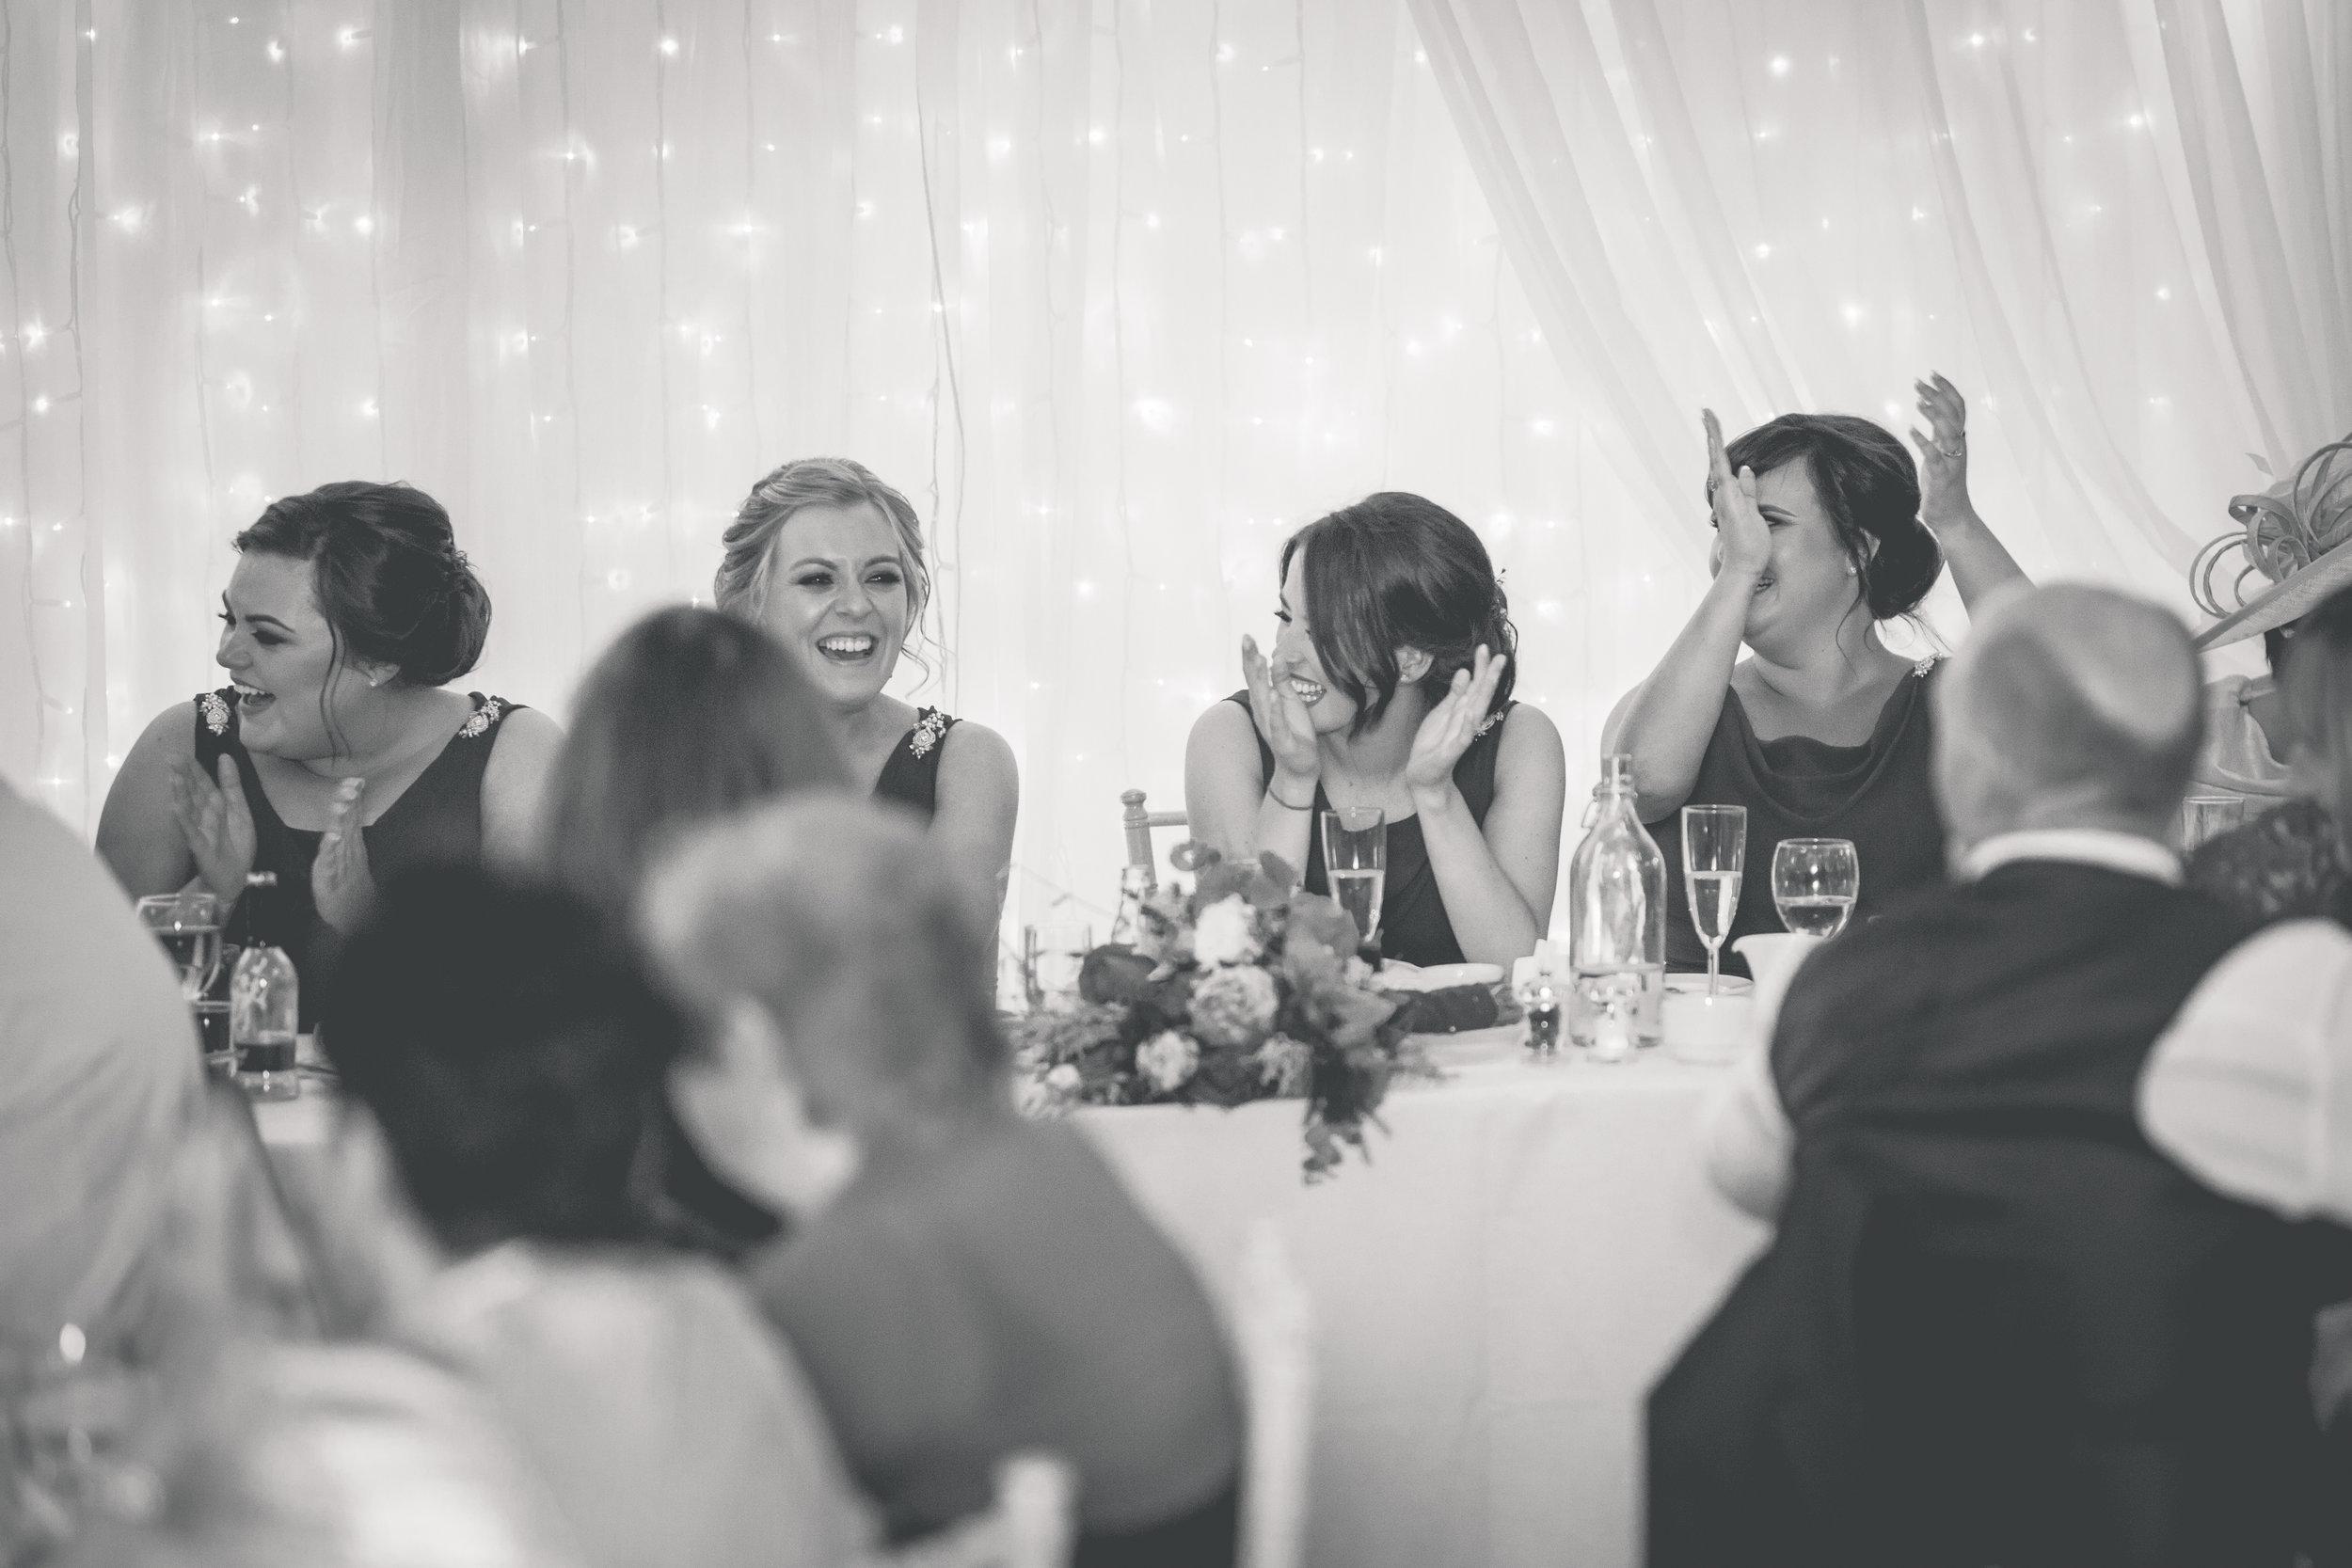 Brian McEwan Wedding Photography | Carol-Anne & Sean | The Speeches-108.jpg